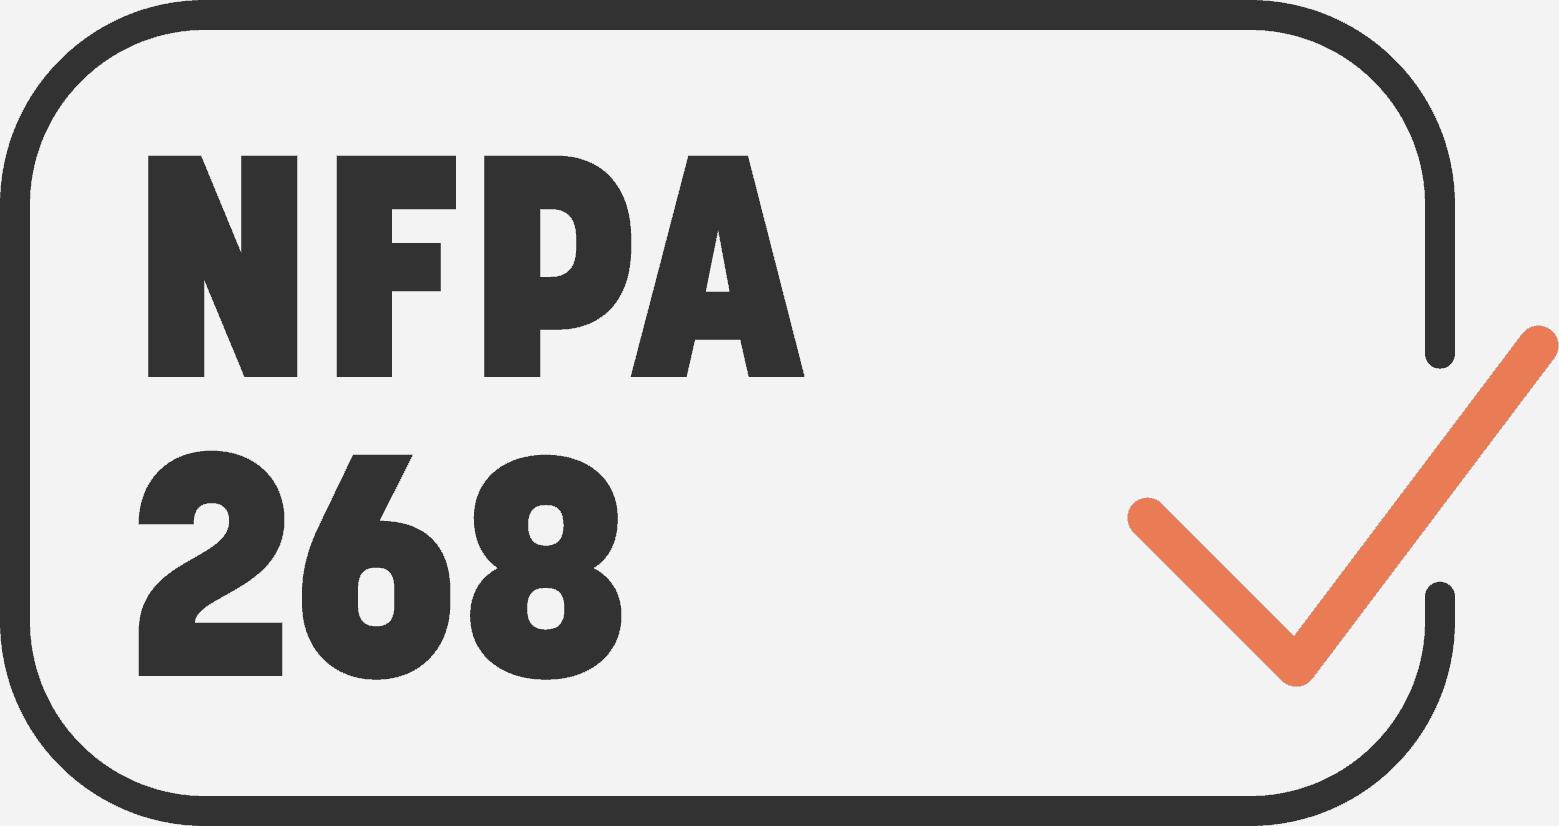 NFPA 268